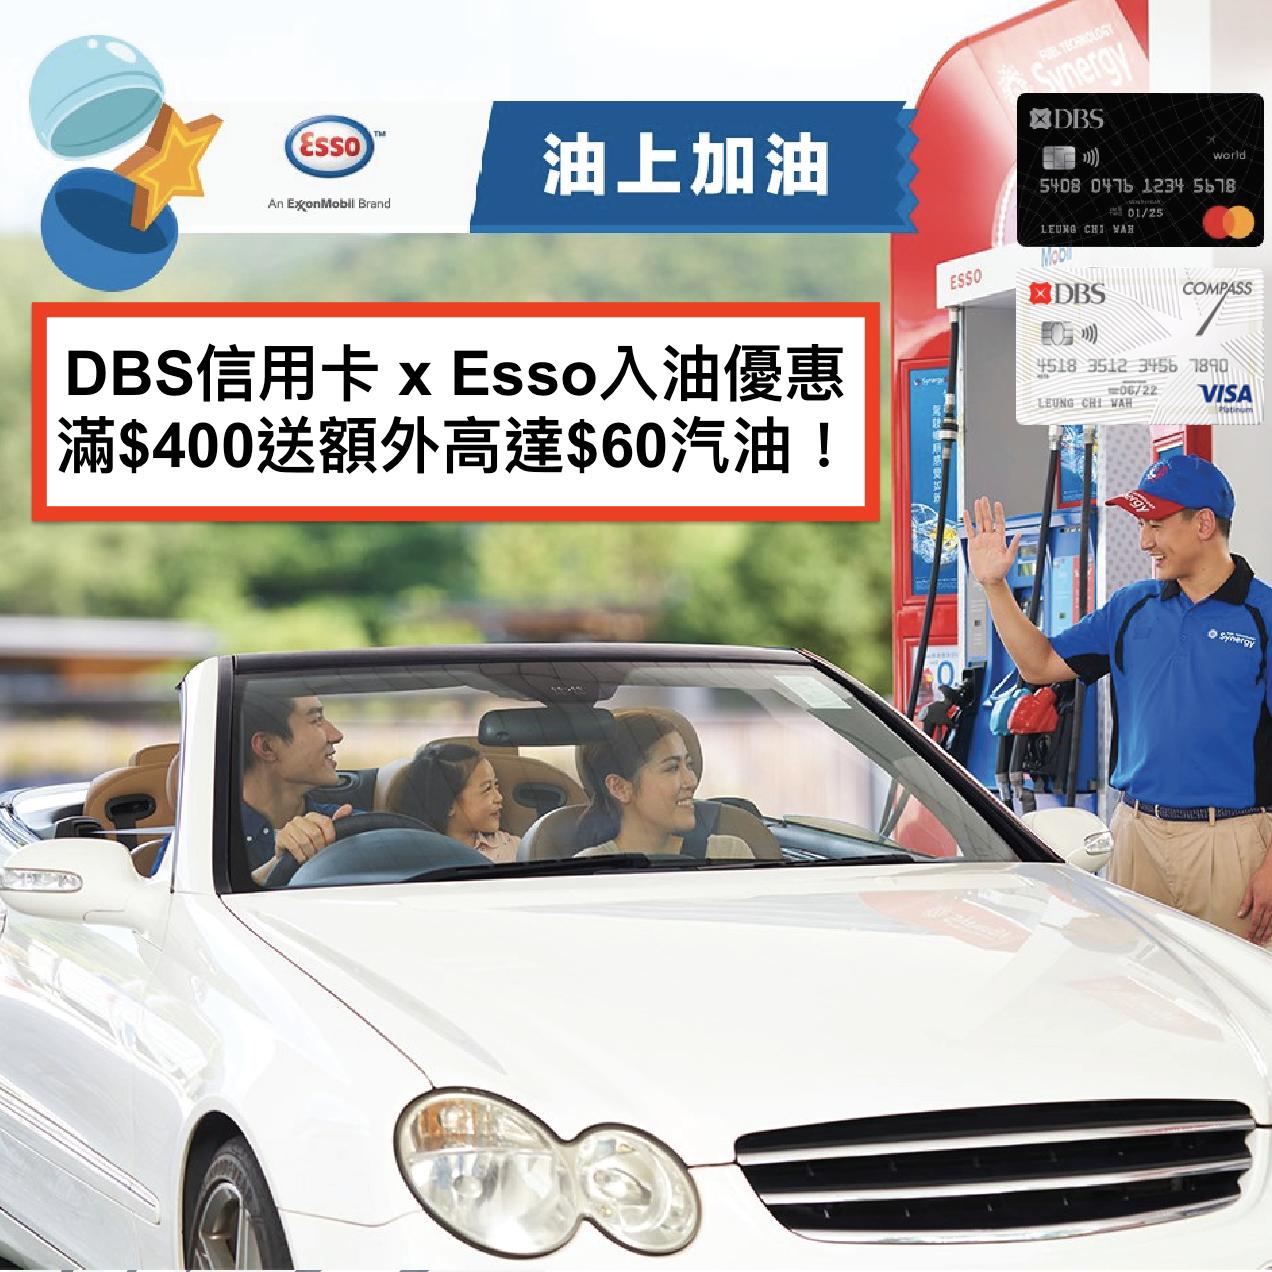 DBS信用卡 x Esso入油優惠